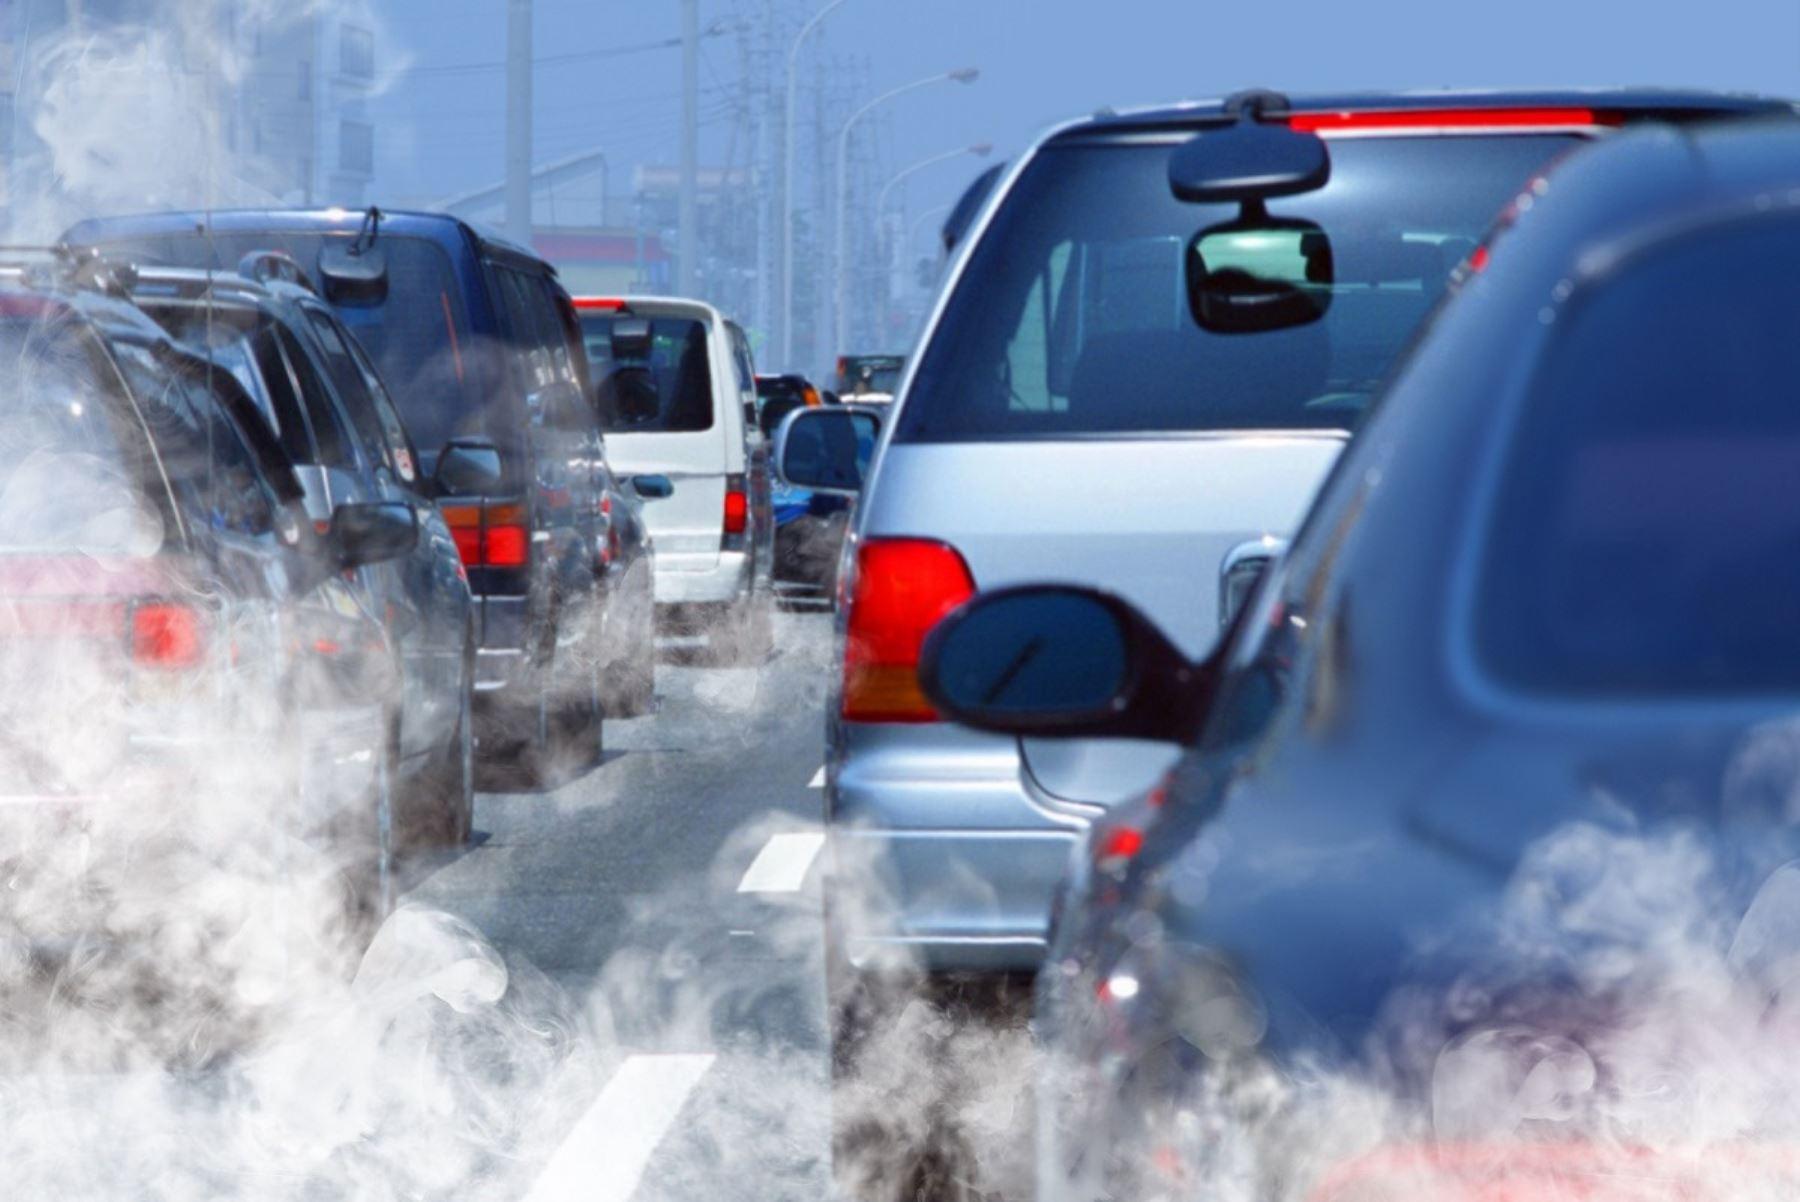 Vehículos causan la mayor cantidad de contaminación ambiental en Lima. Foto: ANDINA/Difusión.